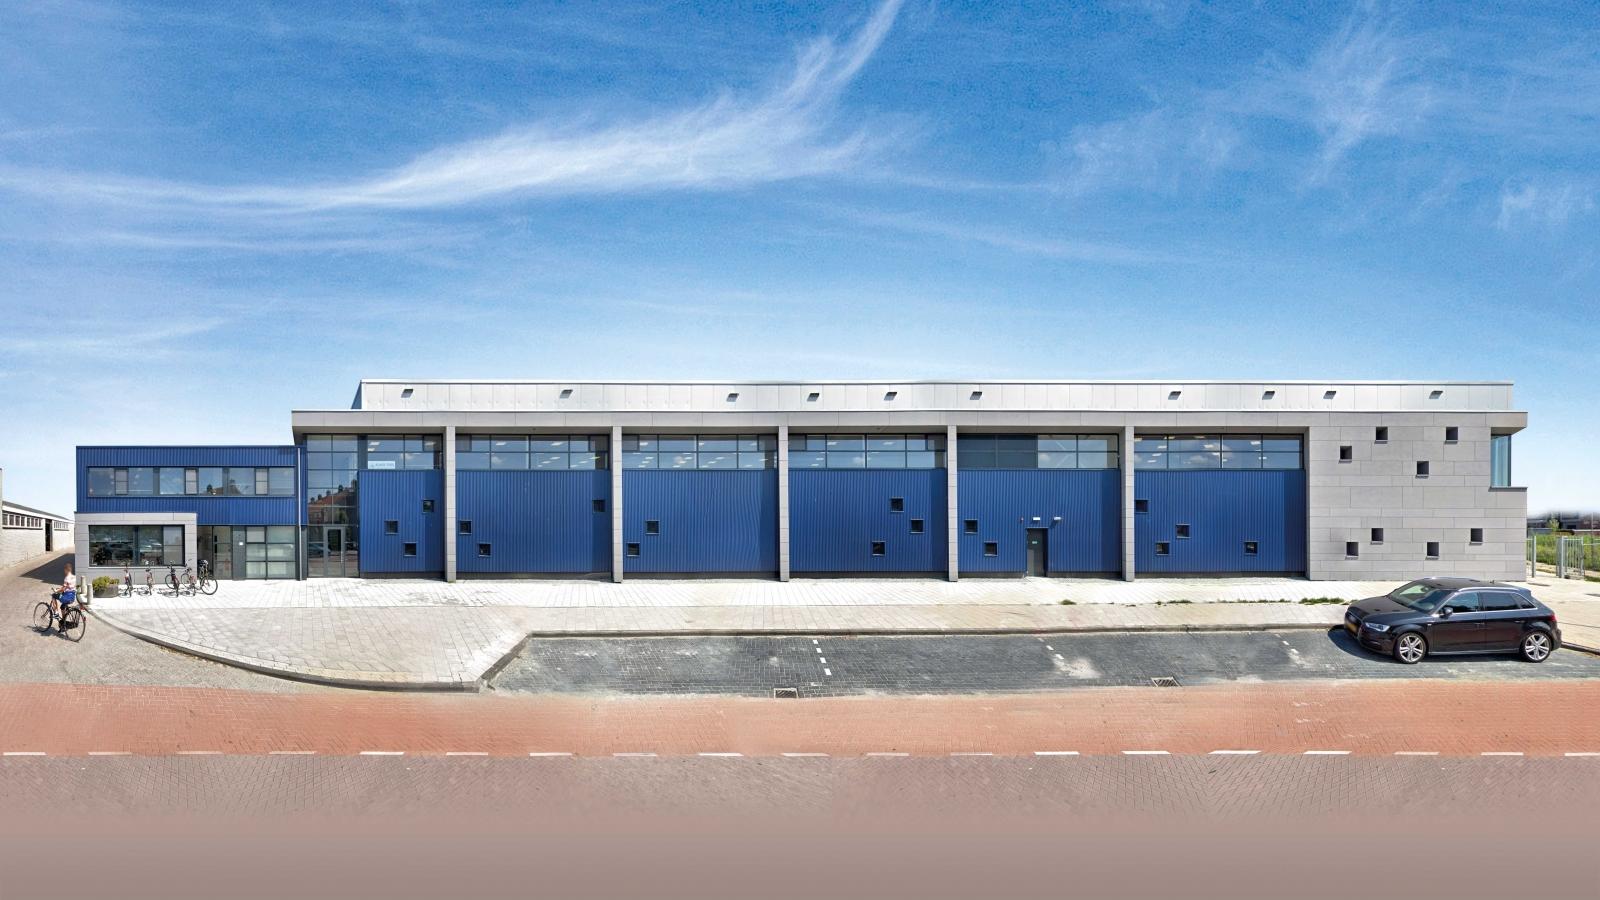 Klaas Puul Volendam / Edam